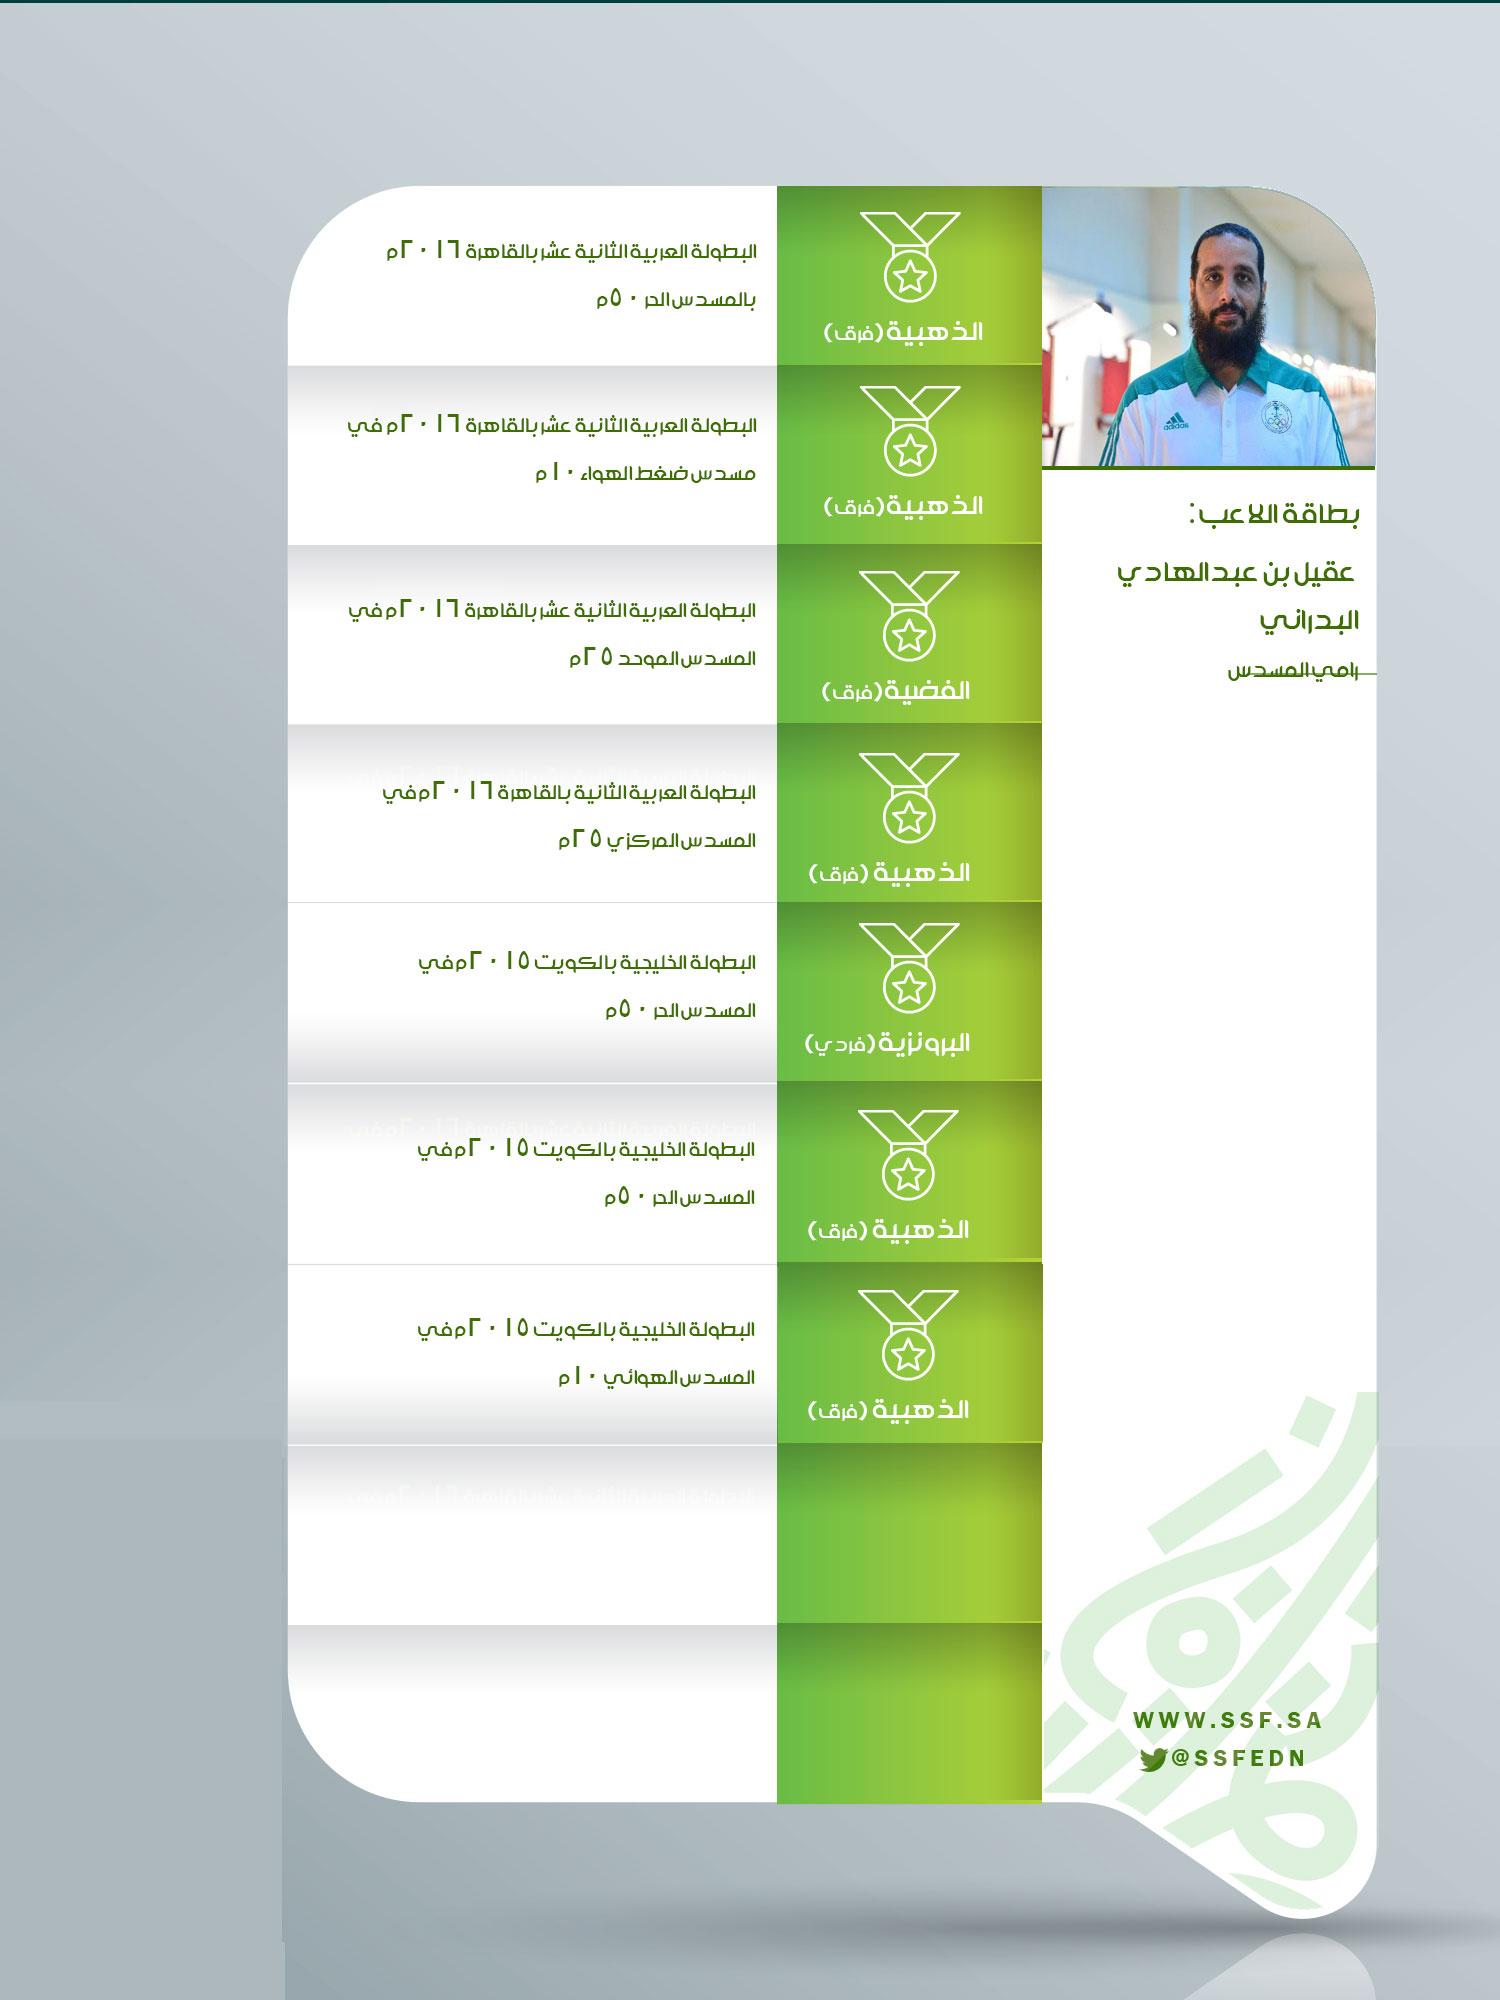 عقيل-بن-عبدالهادي-البدراني